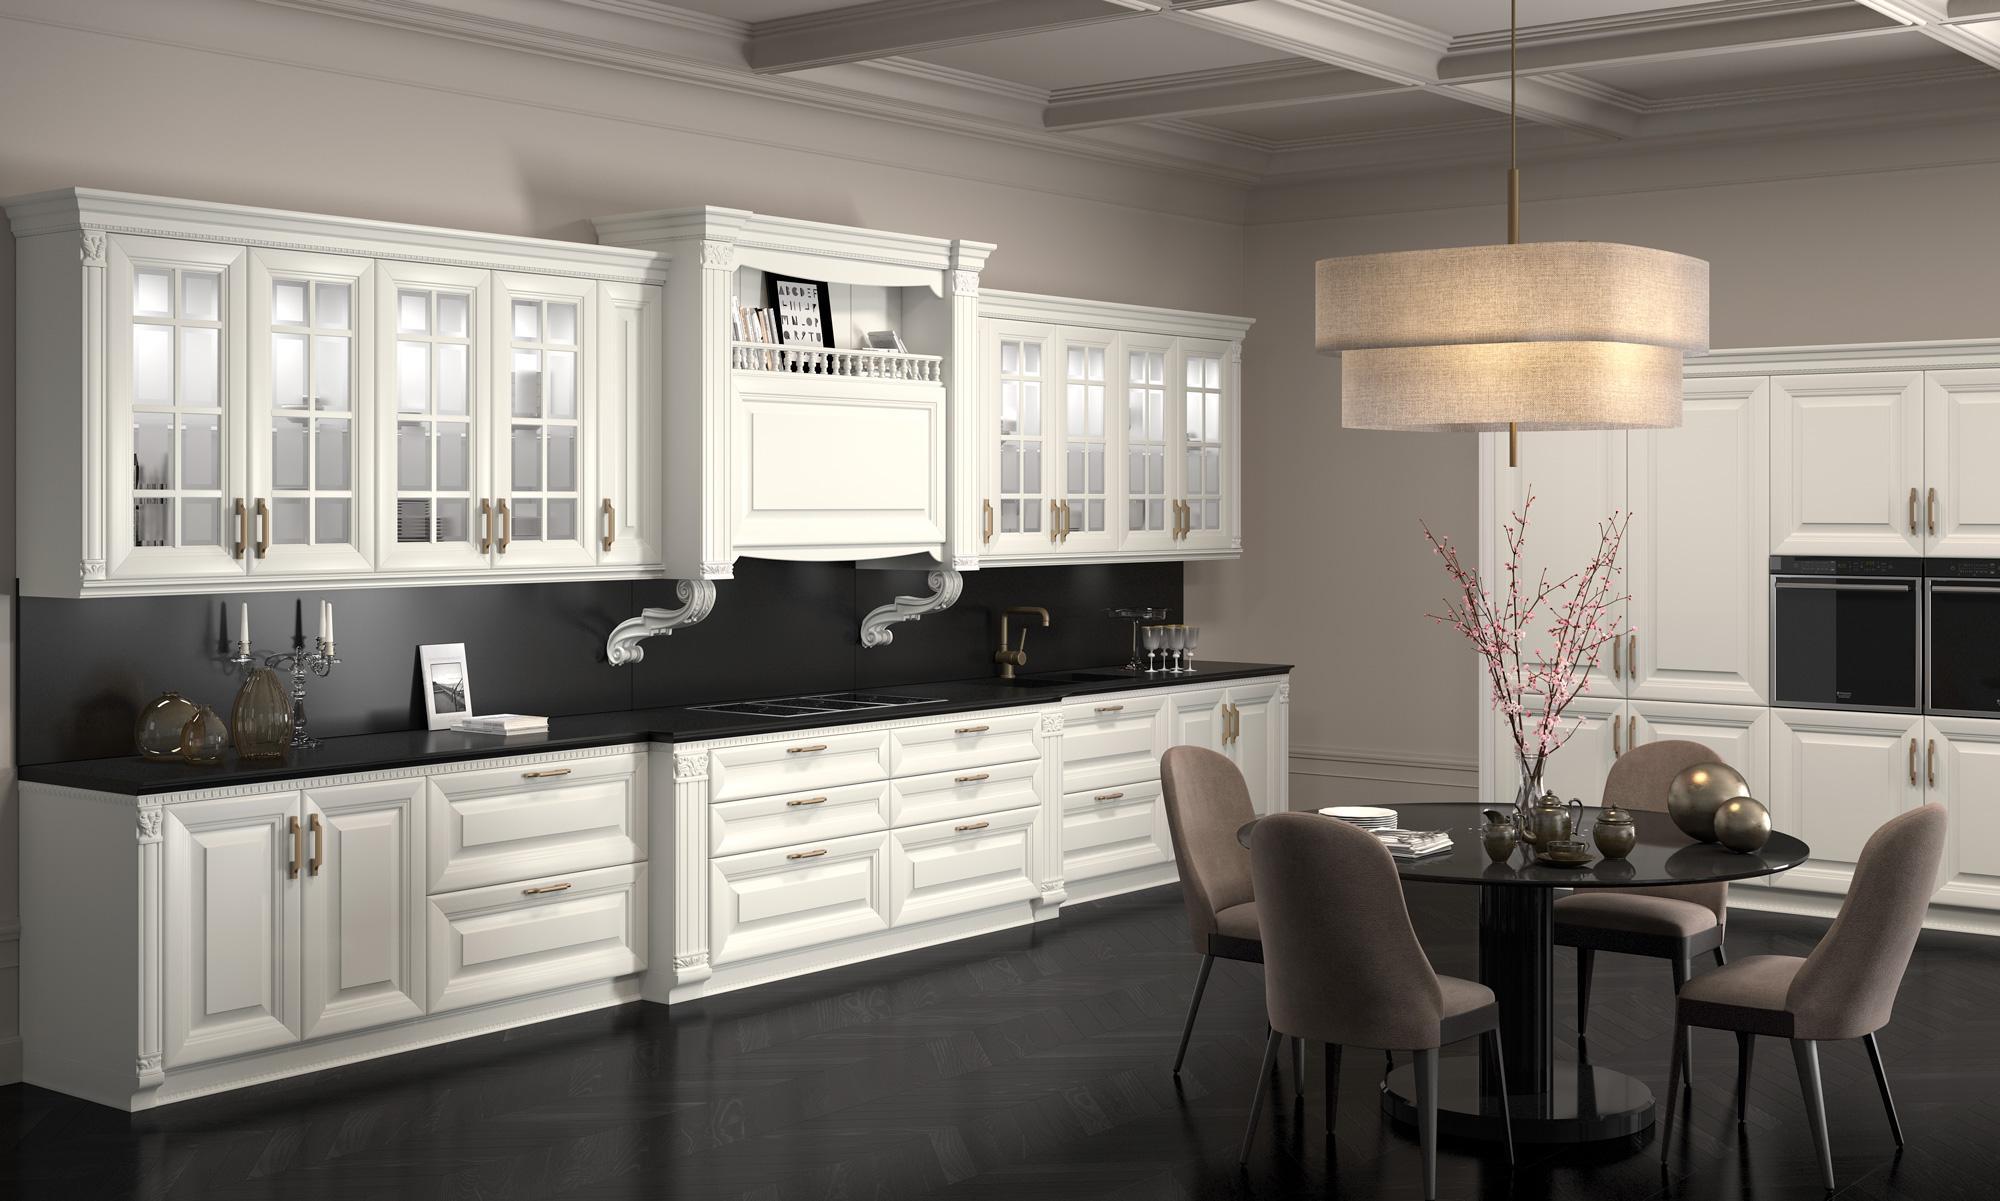 Στρογγυλα πορτακια κουζινας Λευκή ματ κουζίνα με σκαλίσματα και μαύρο